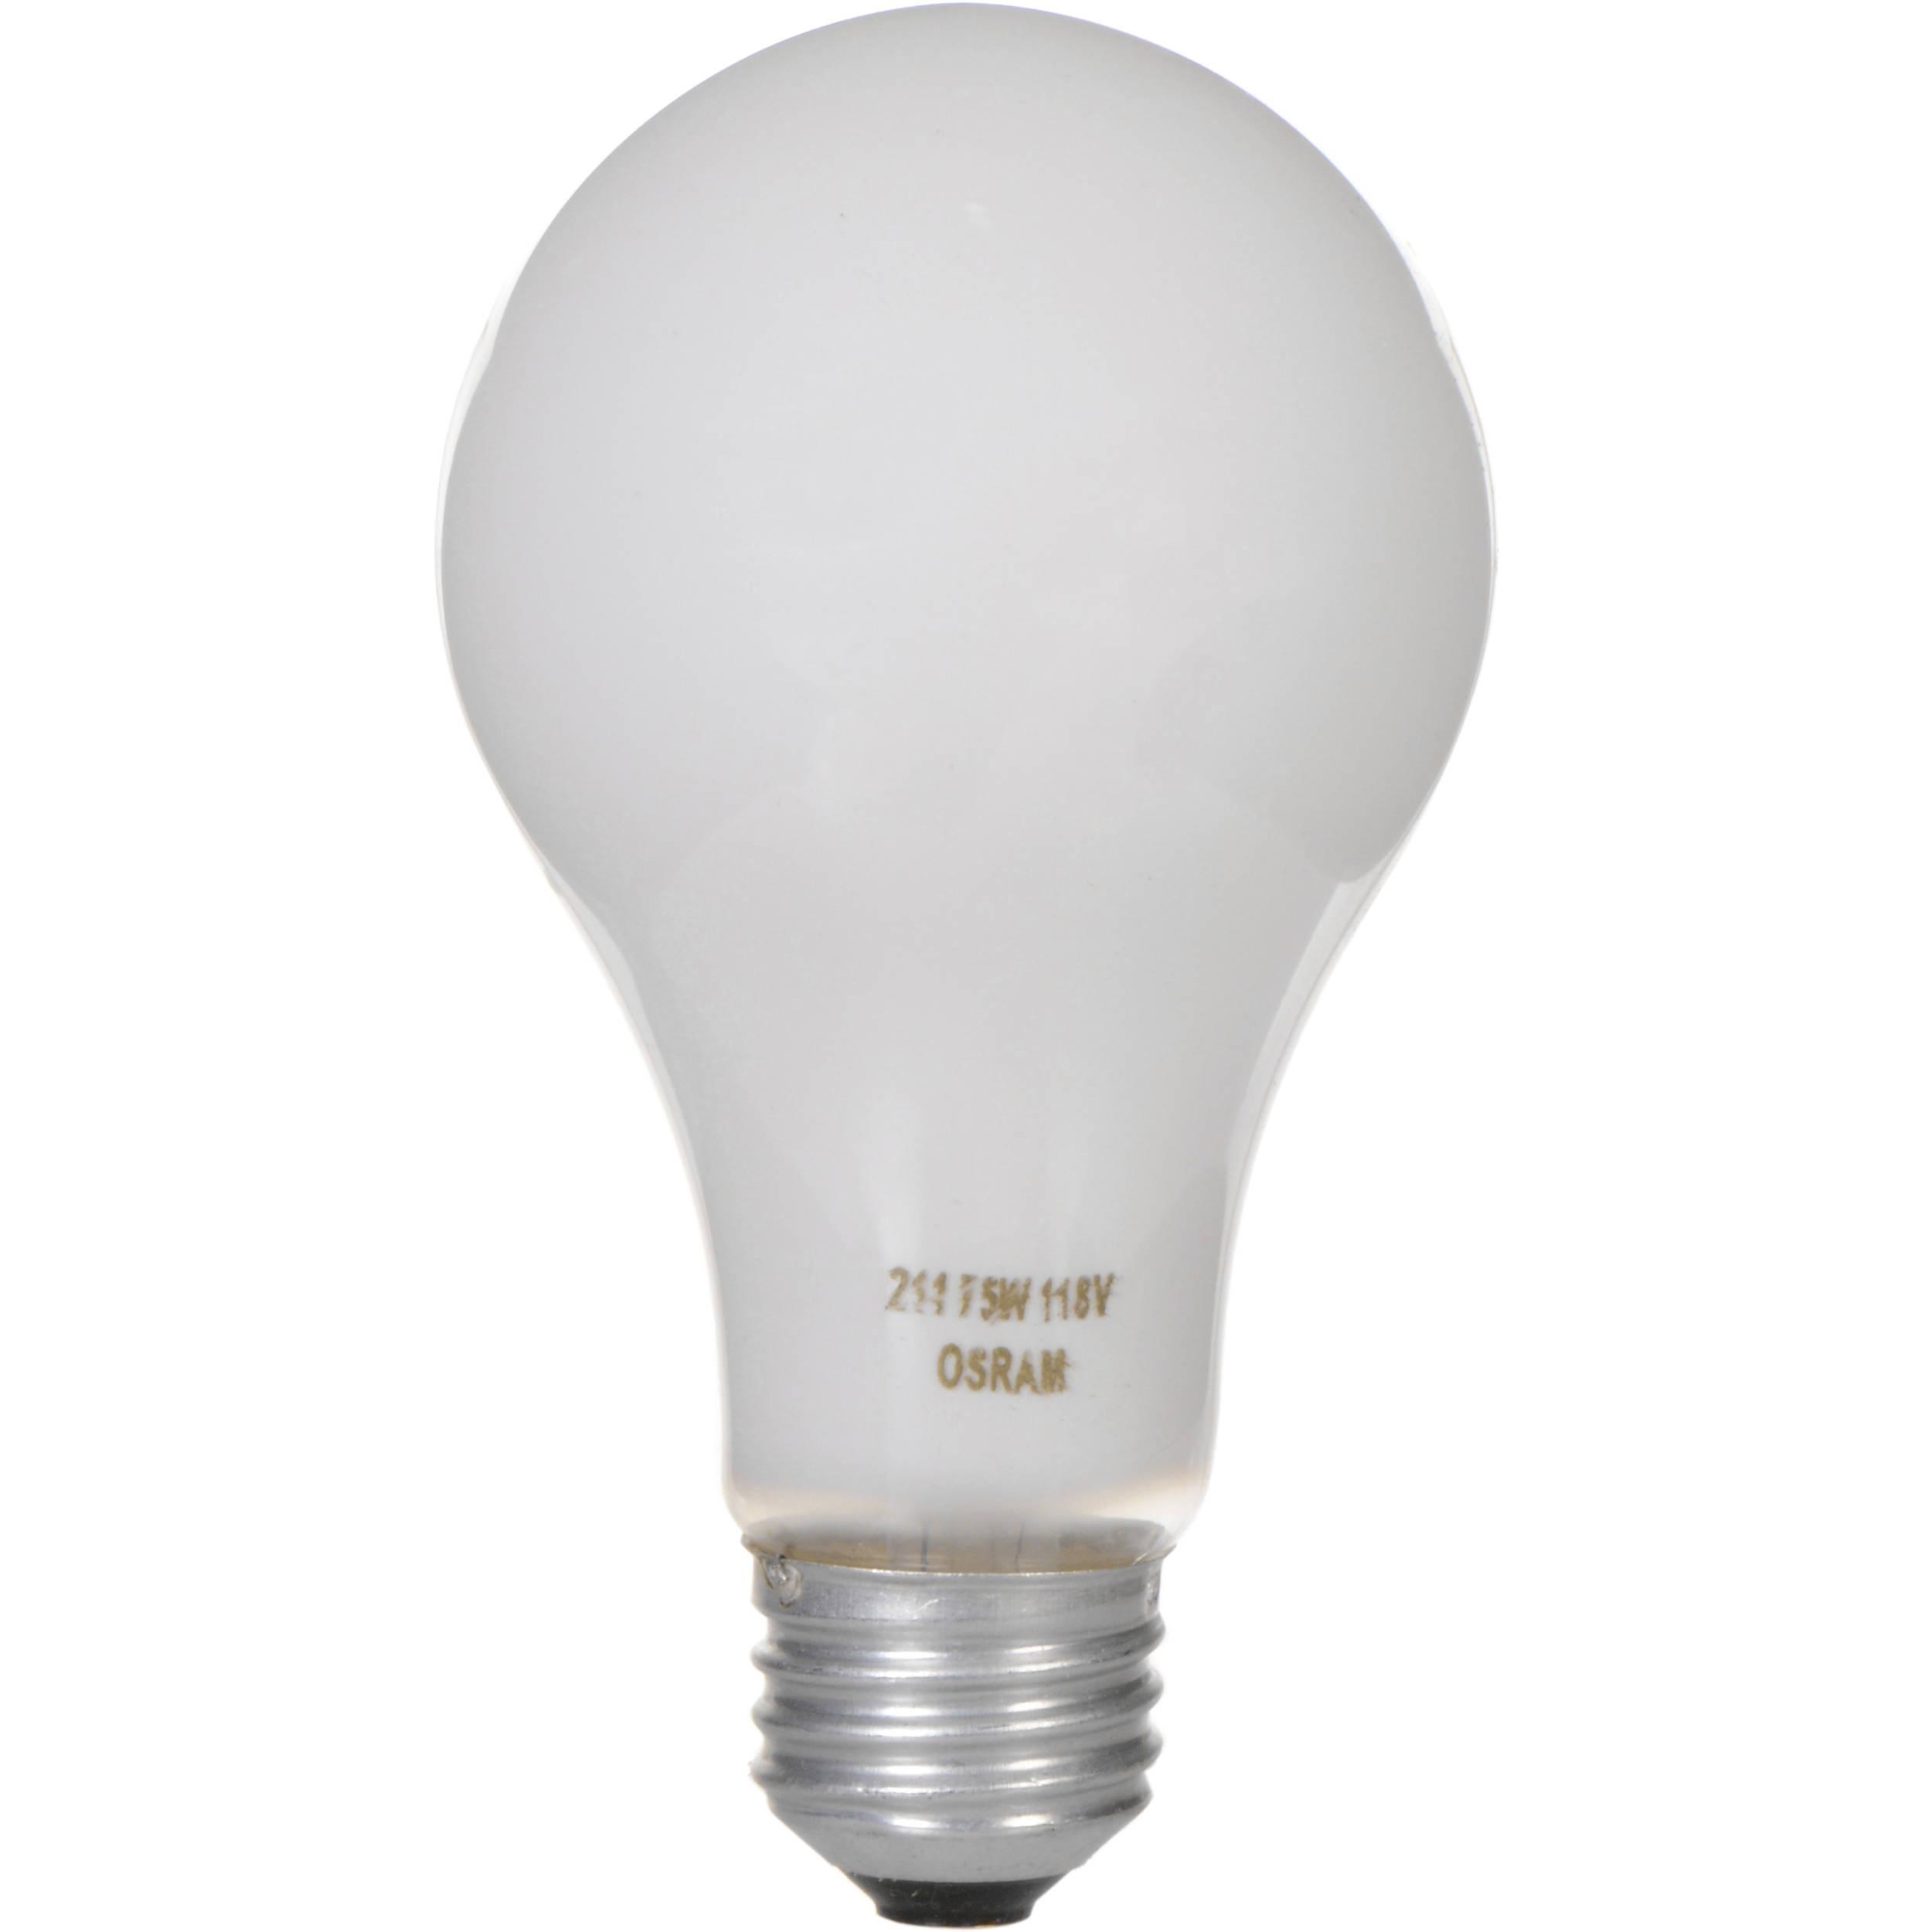 Sylvania Osram 211 75w 120v Lamp